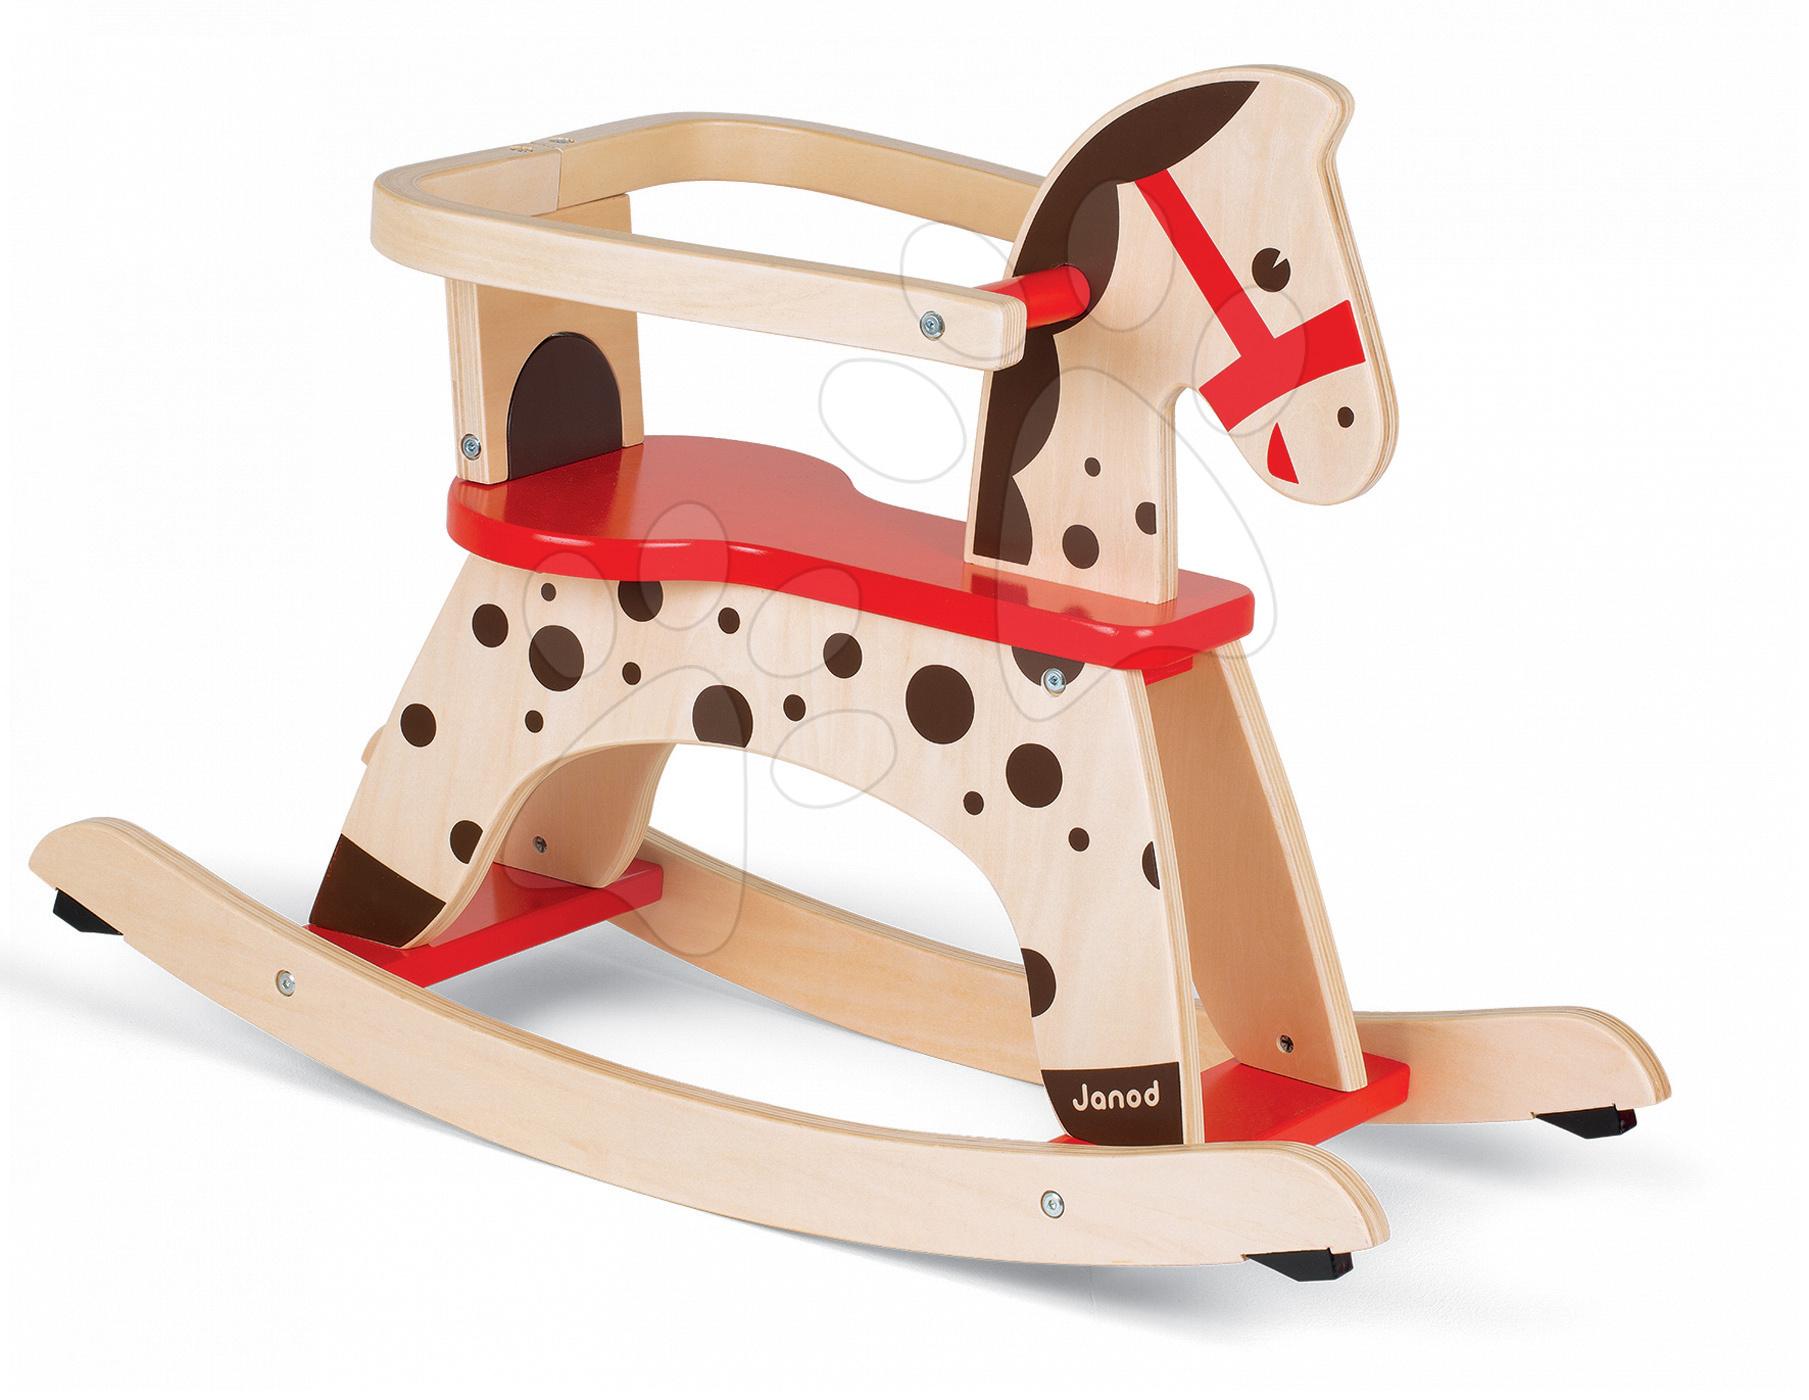 Hojdacie koníky - Drevený hojdací koník Caramel Janod s odnímateľnou ohrádkou od 12 mes